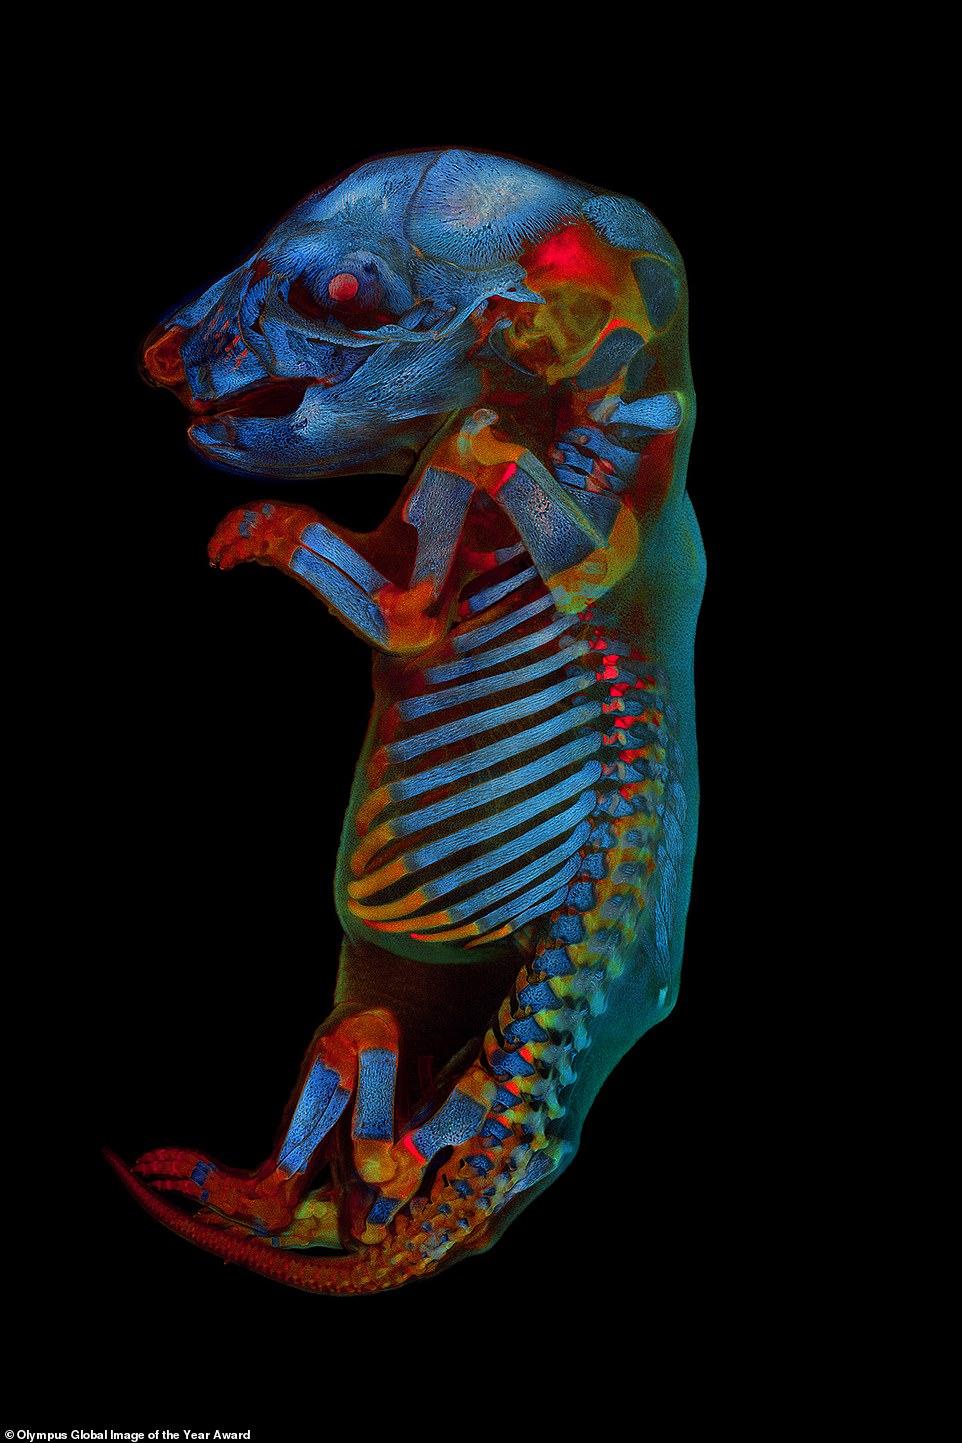 Un feto de rata con ojos rojos y diabólicos y tejido brillante ha sido nombrado ganador de la segunda imagen mundial del año en microscopía óptica de ciencias biológicas.  El científico Werner Zuschratter capturó el embrión en su día 21 de desarrollo utilizando un microscopio que toma imágenes a través de un pequeño orificio para resaltar los contrastes y aumentar la claridad.